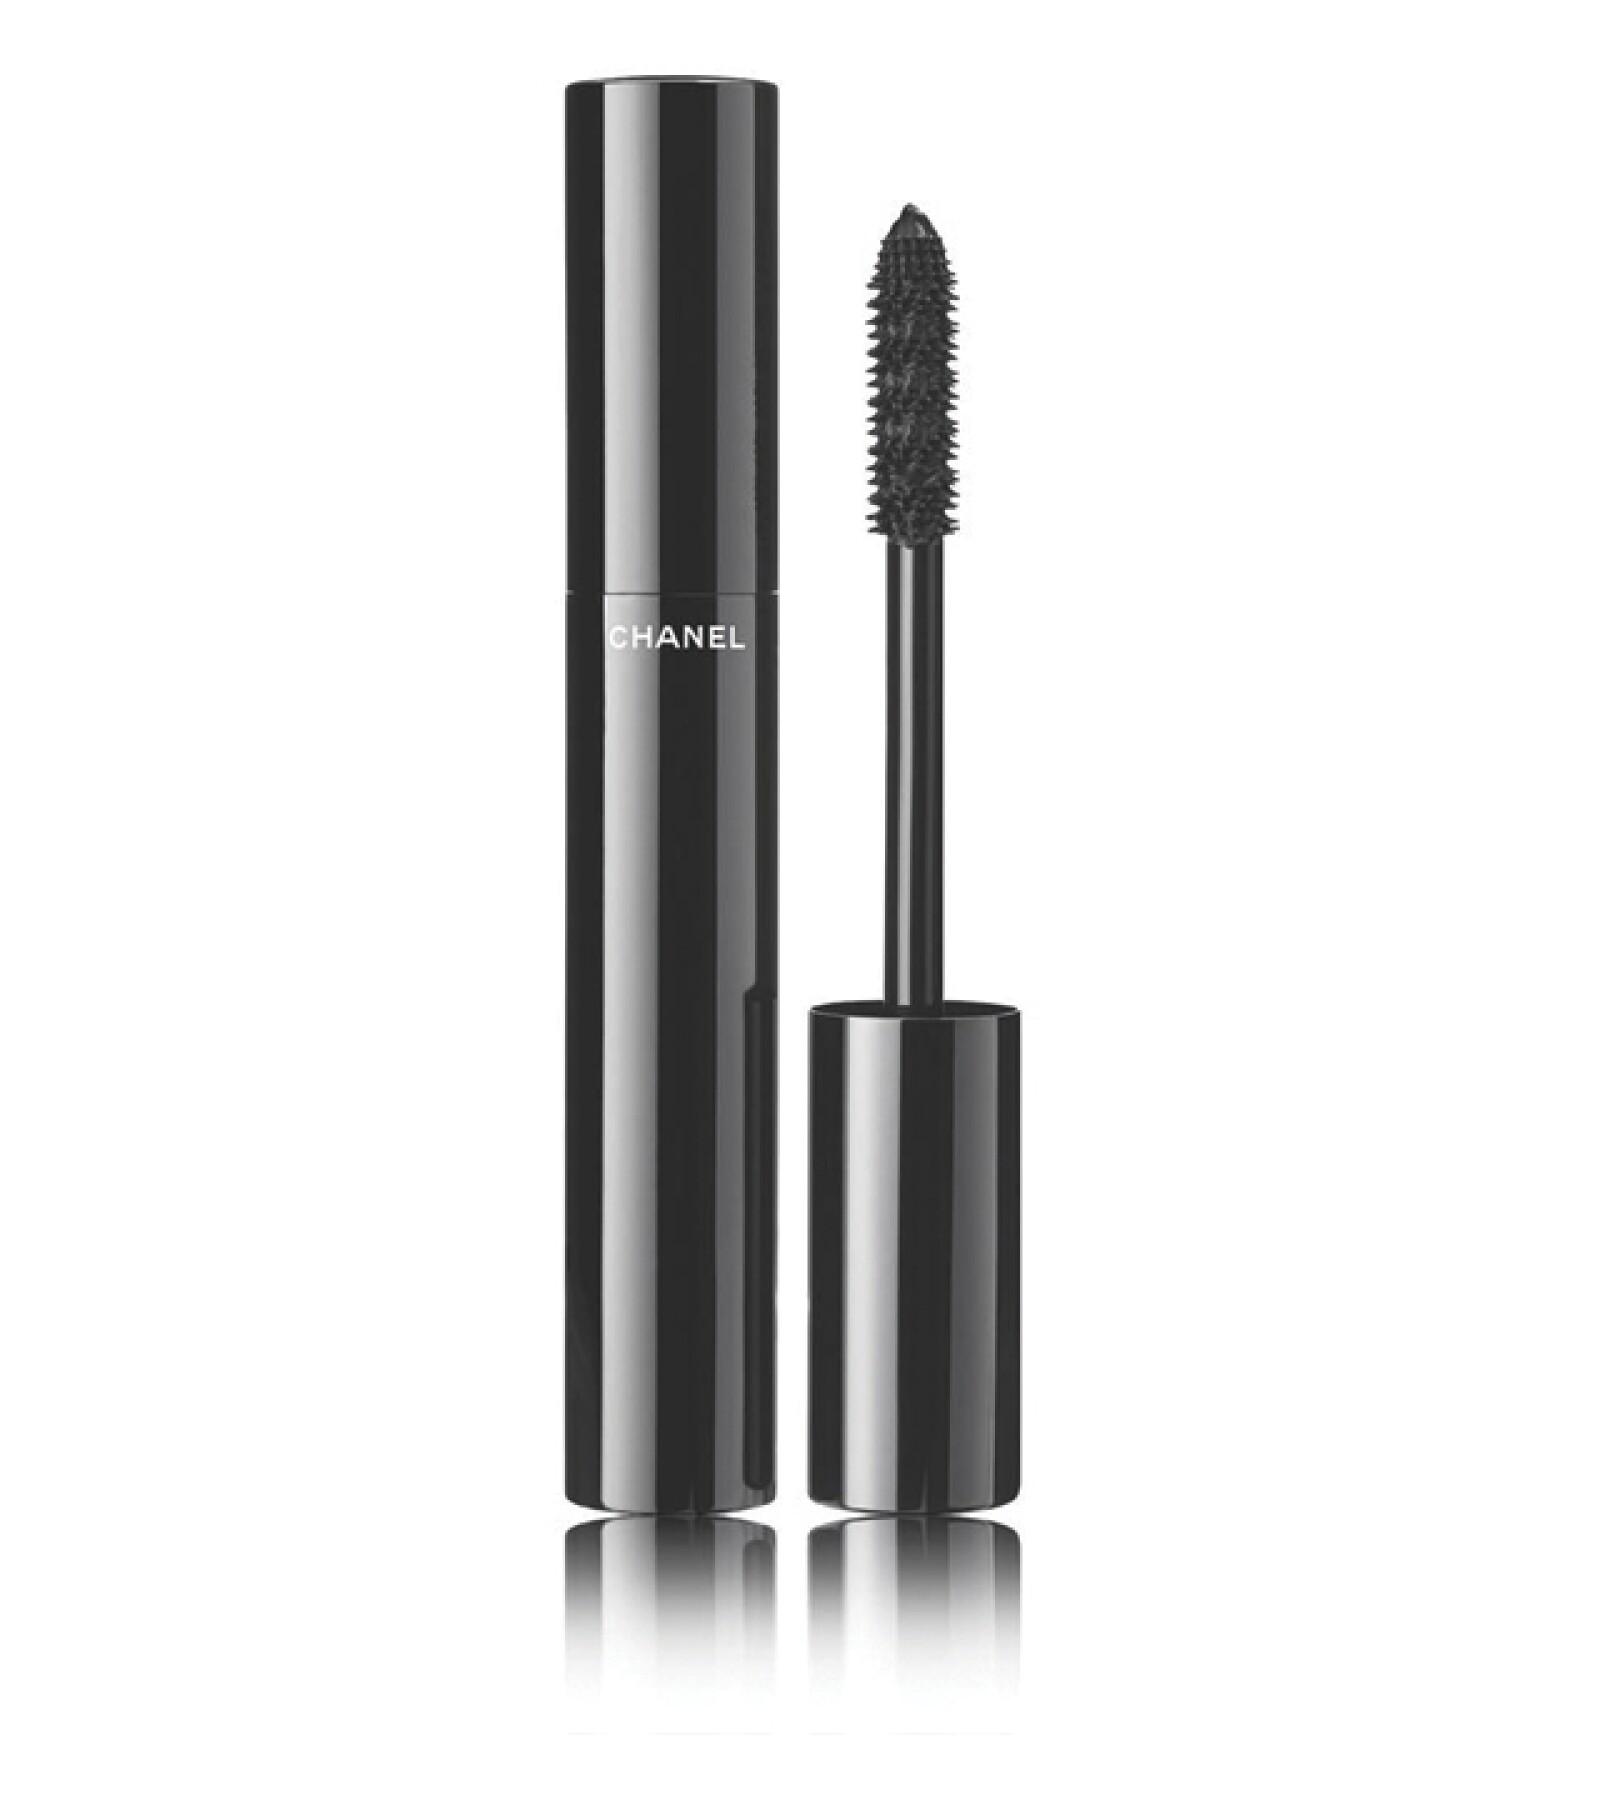 Chanel: Le Volume Ultra Noir. Una mascara súper intensa que acentúa las pestañas creando un trazo de khôl. Boutiques Chanel. Precio en punto de venta.